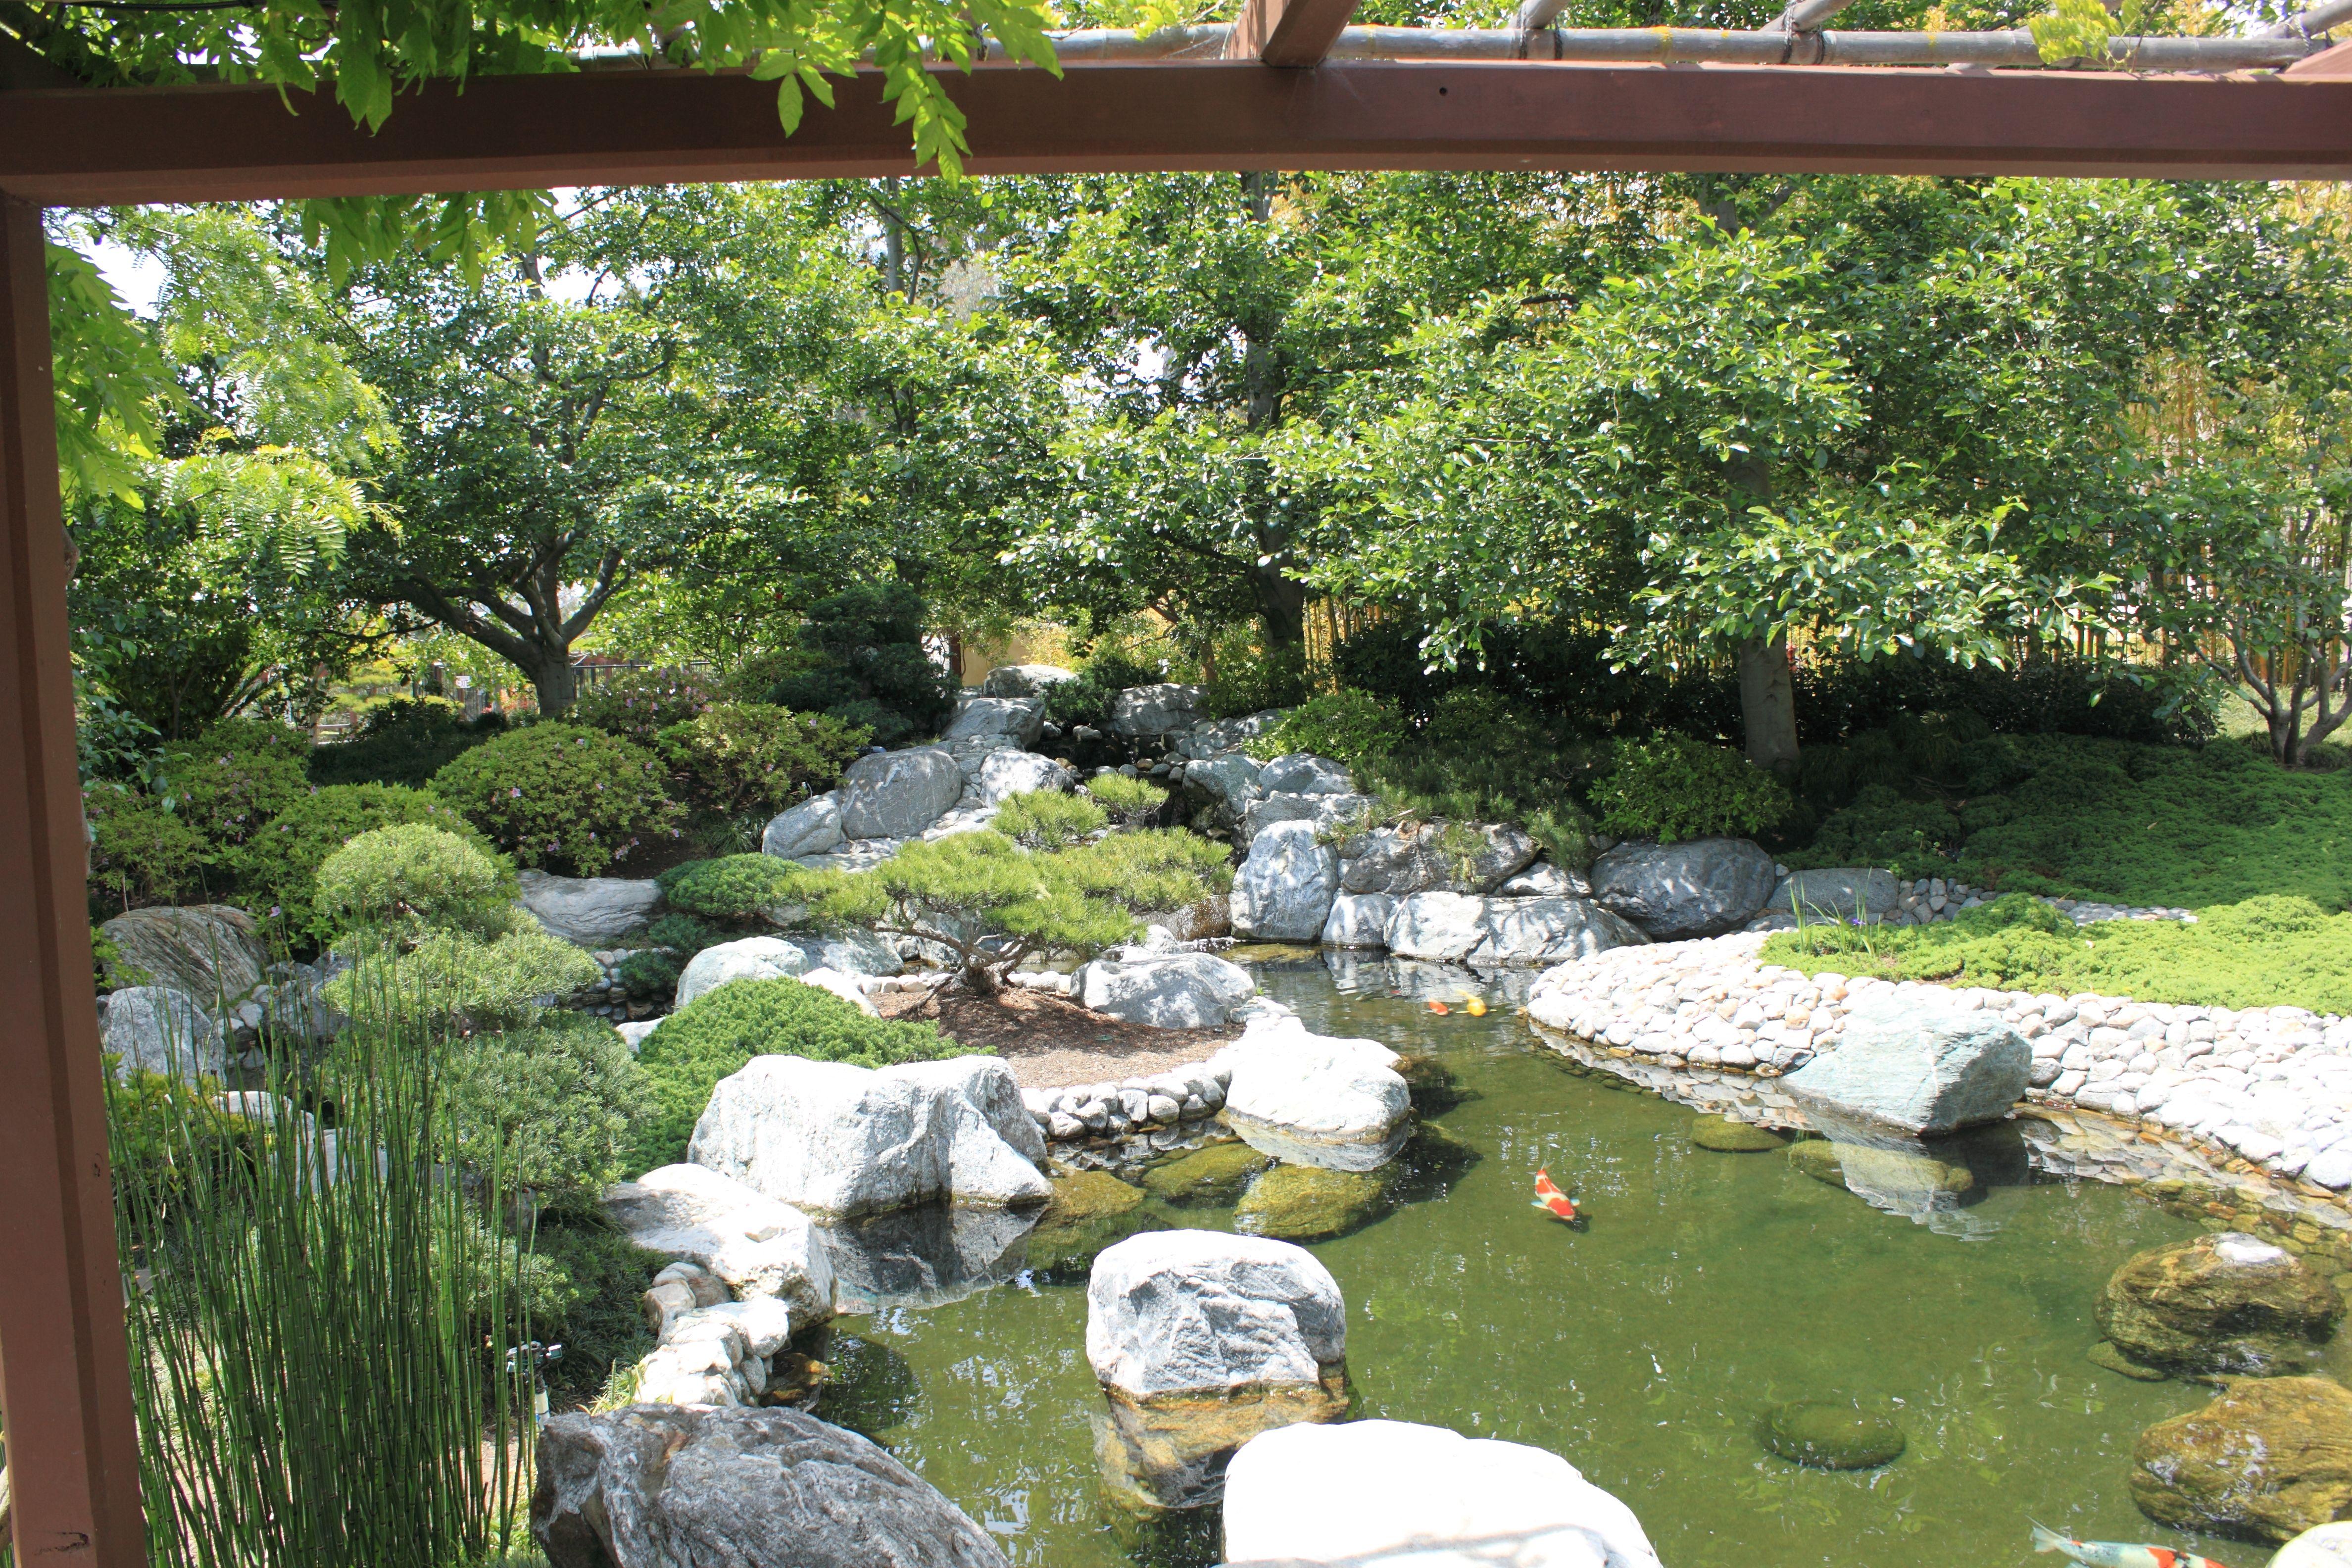 koi pond | Koi Pond Pics | KOI PONDS & GARDENS | Pinterest | Pond ...